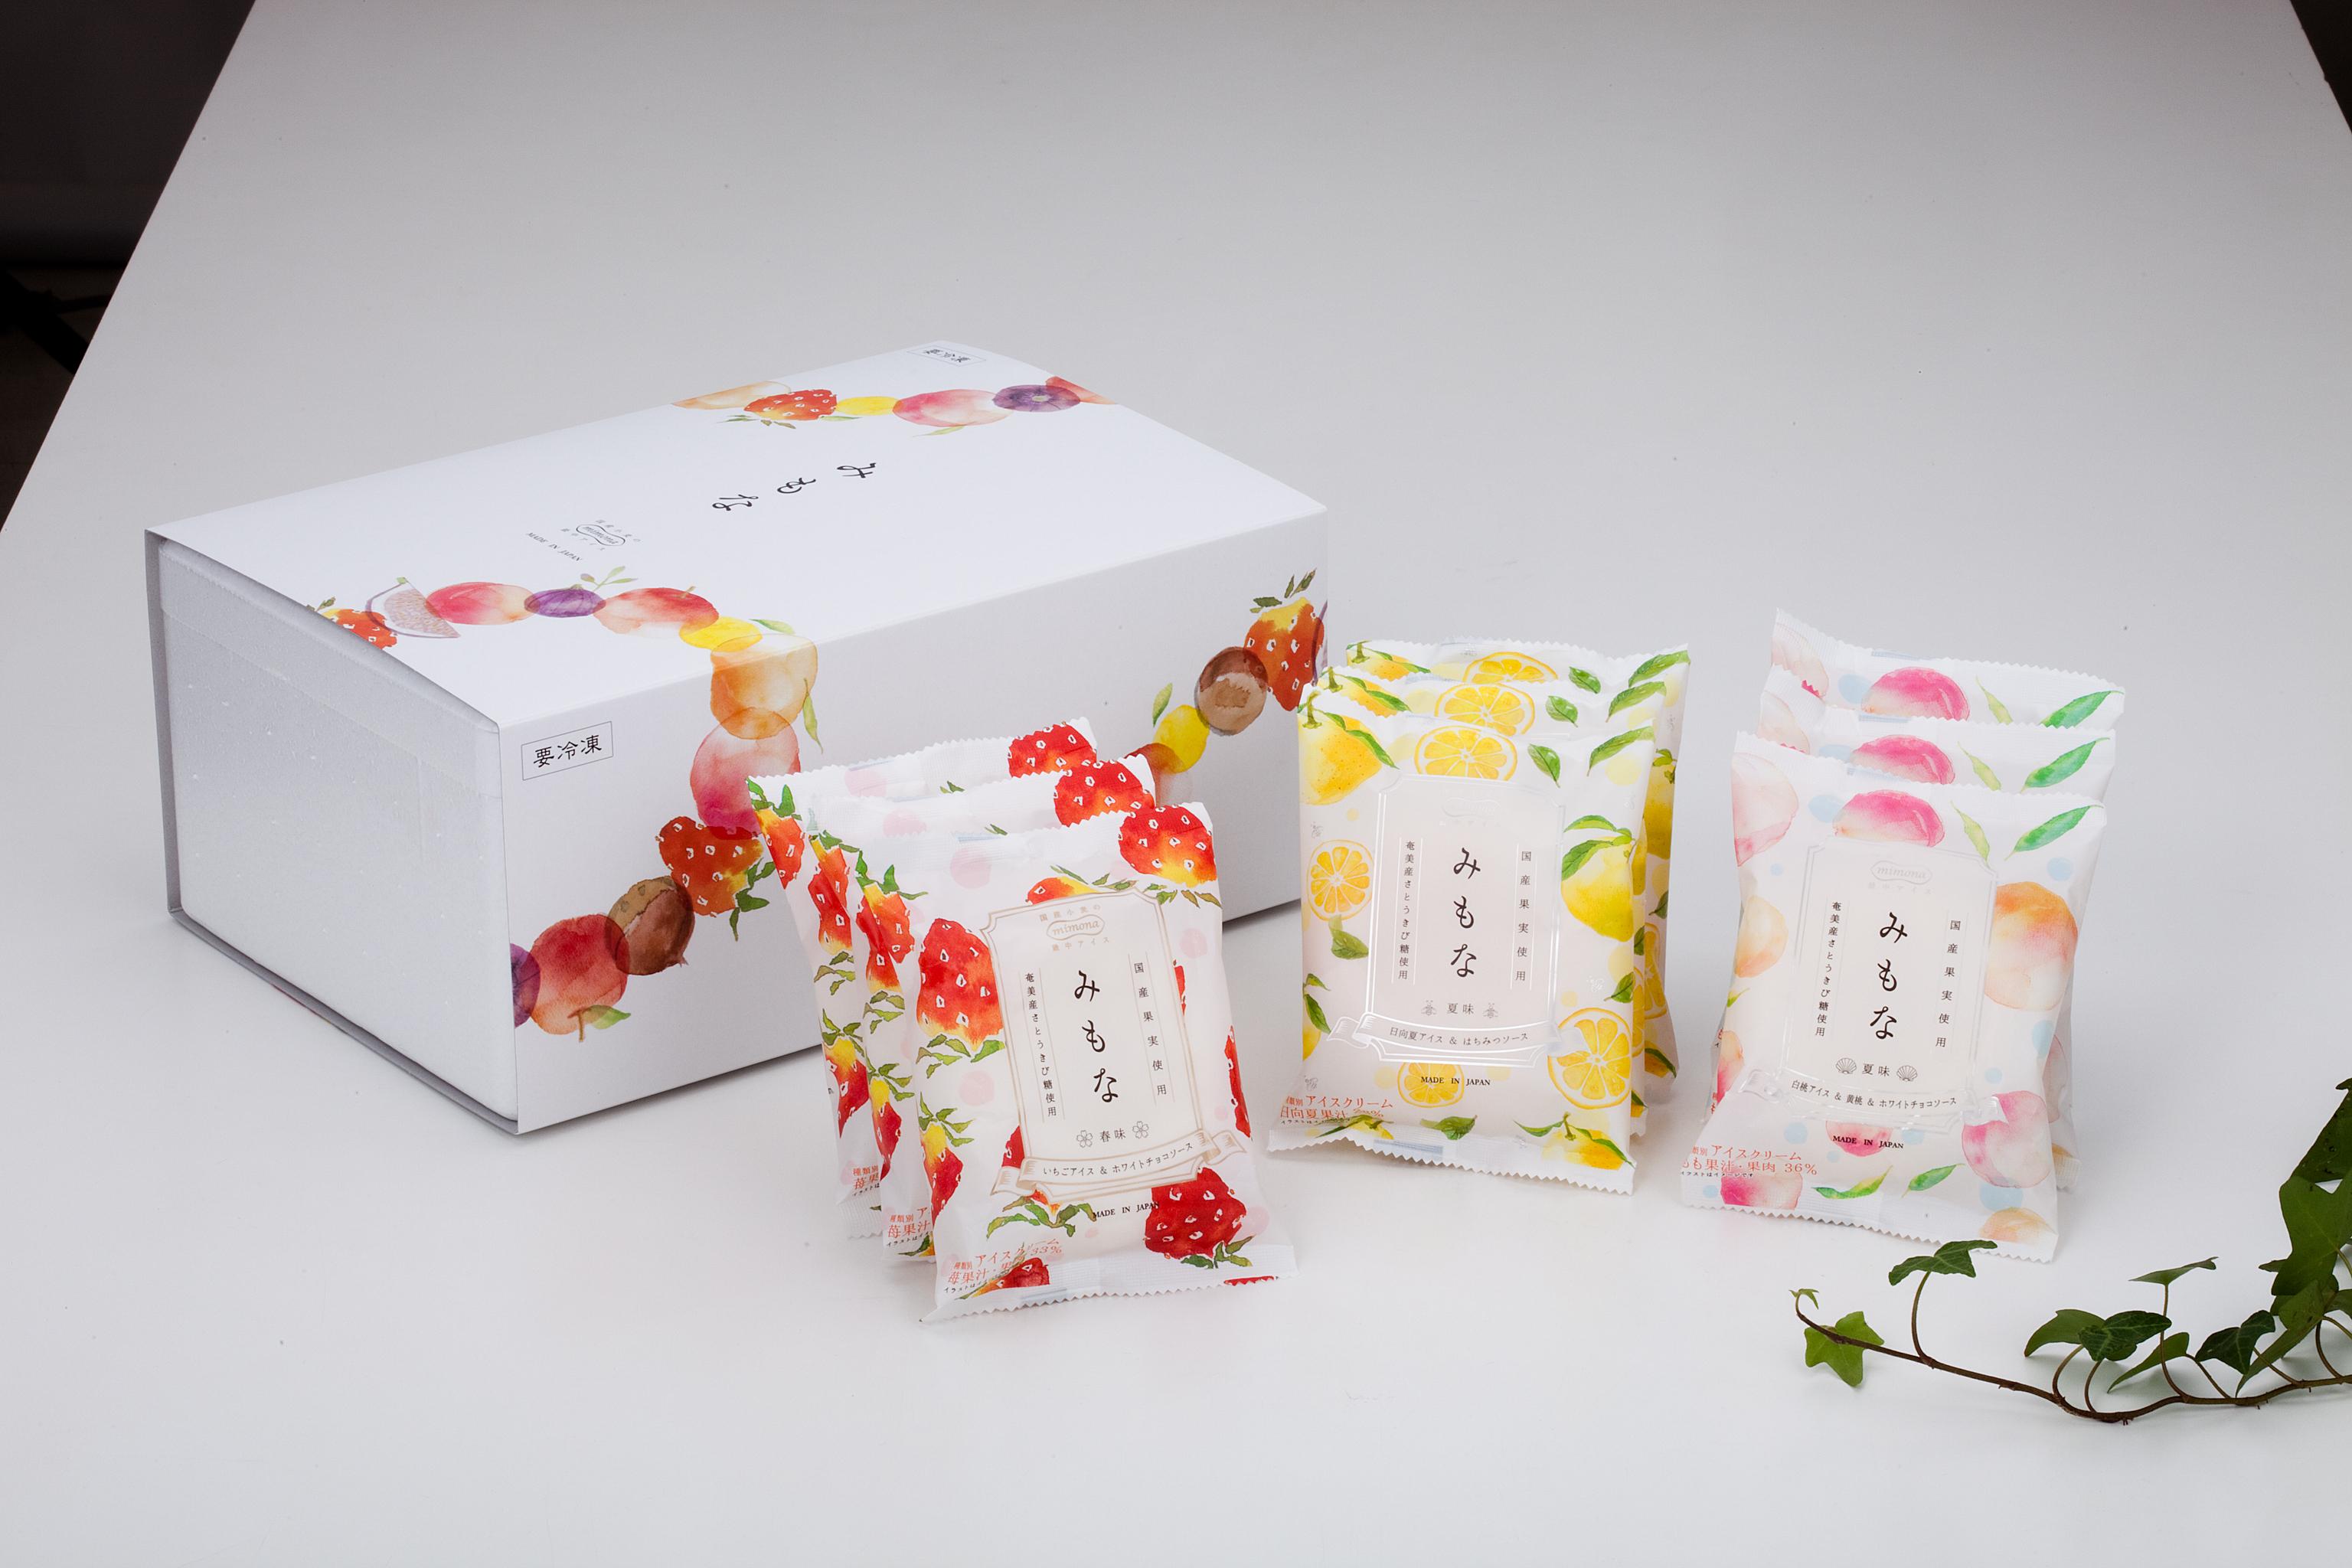 新潟県燕市のふるさと納税 国産果実のアイスモナカ「みもな」セット (3種9個セット) CS011002